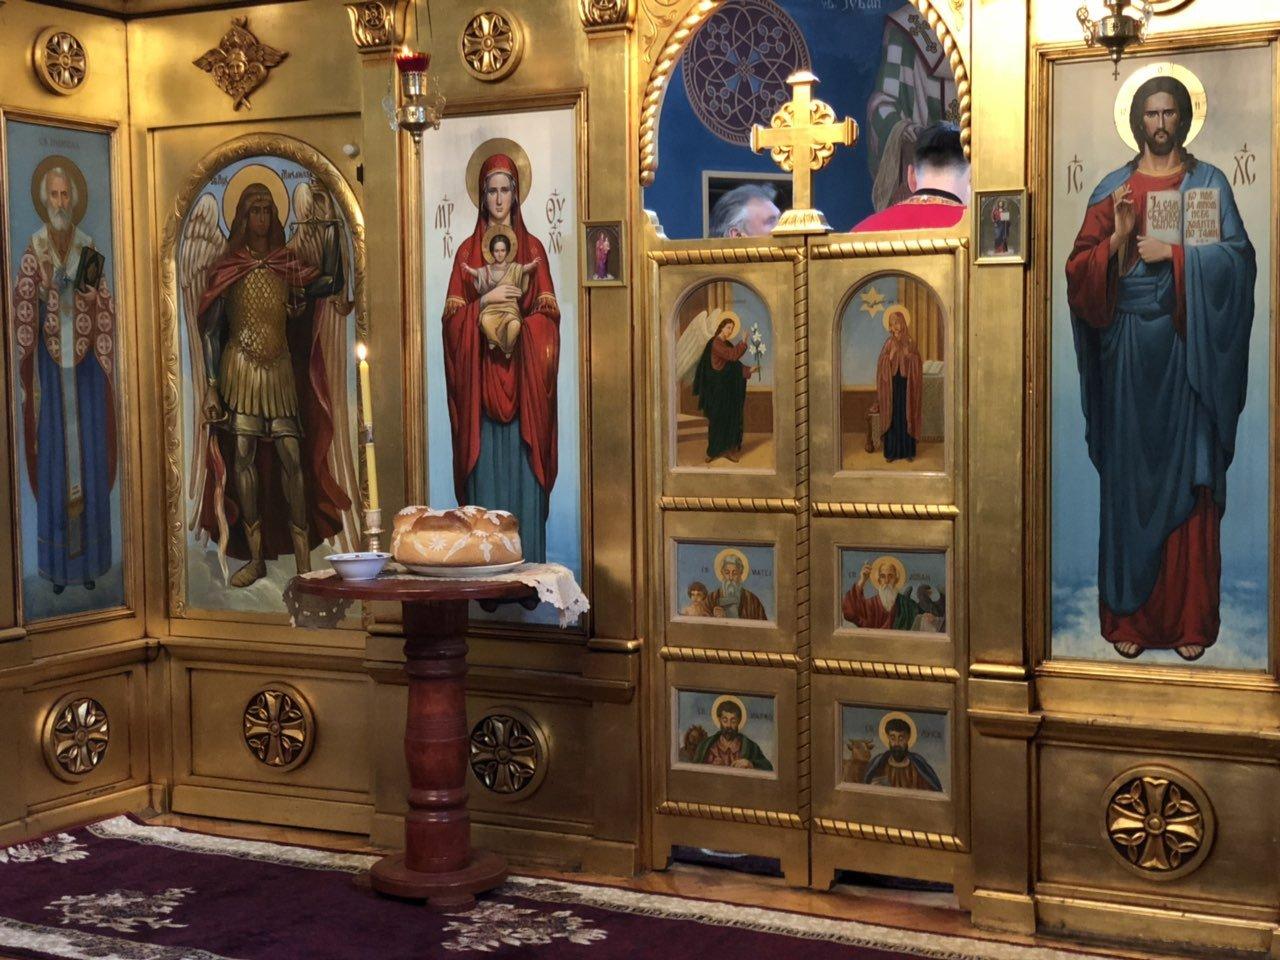 Služenje Svete Liturgije, foto: A.S.